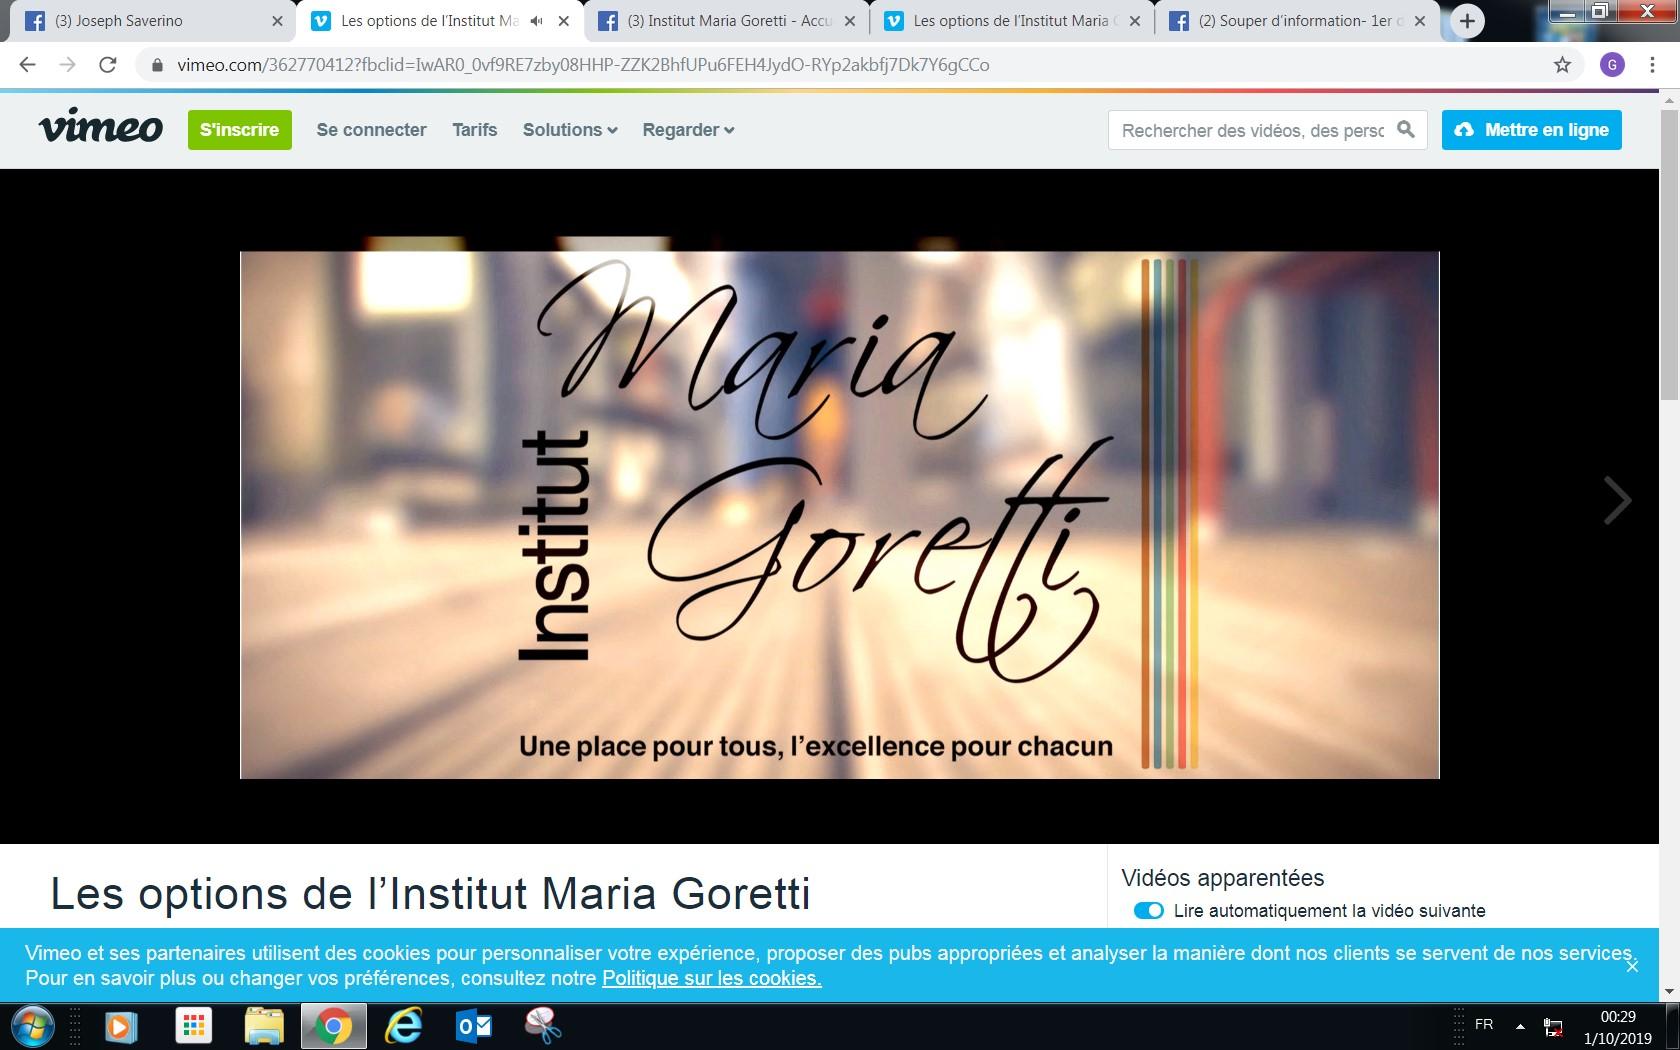 Découvrez les options de Maria Goretti